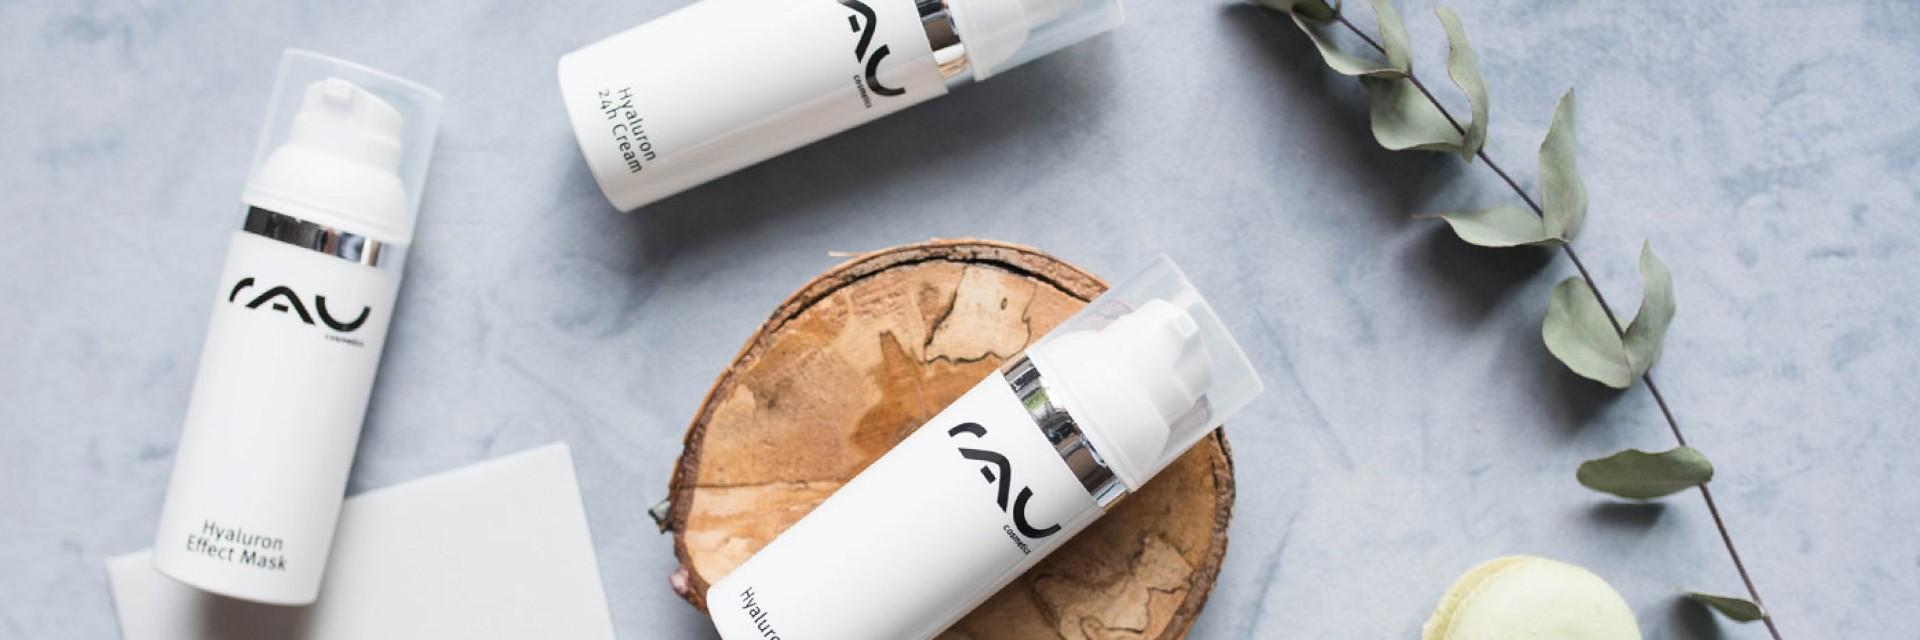 RAU Cosmetics